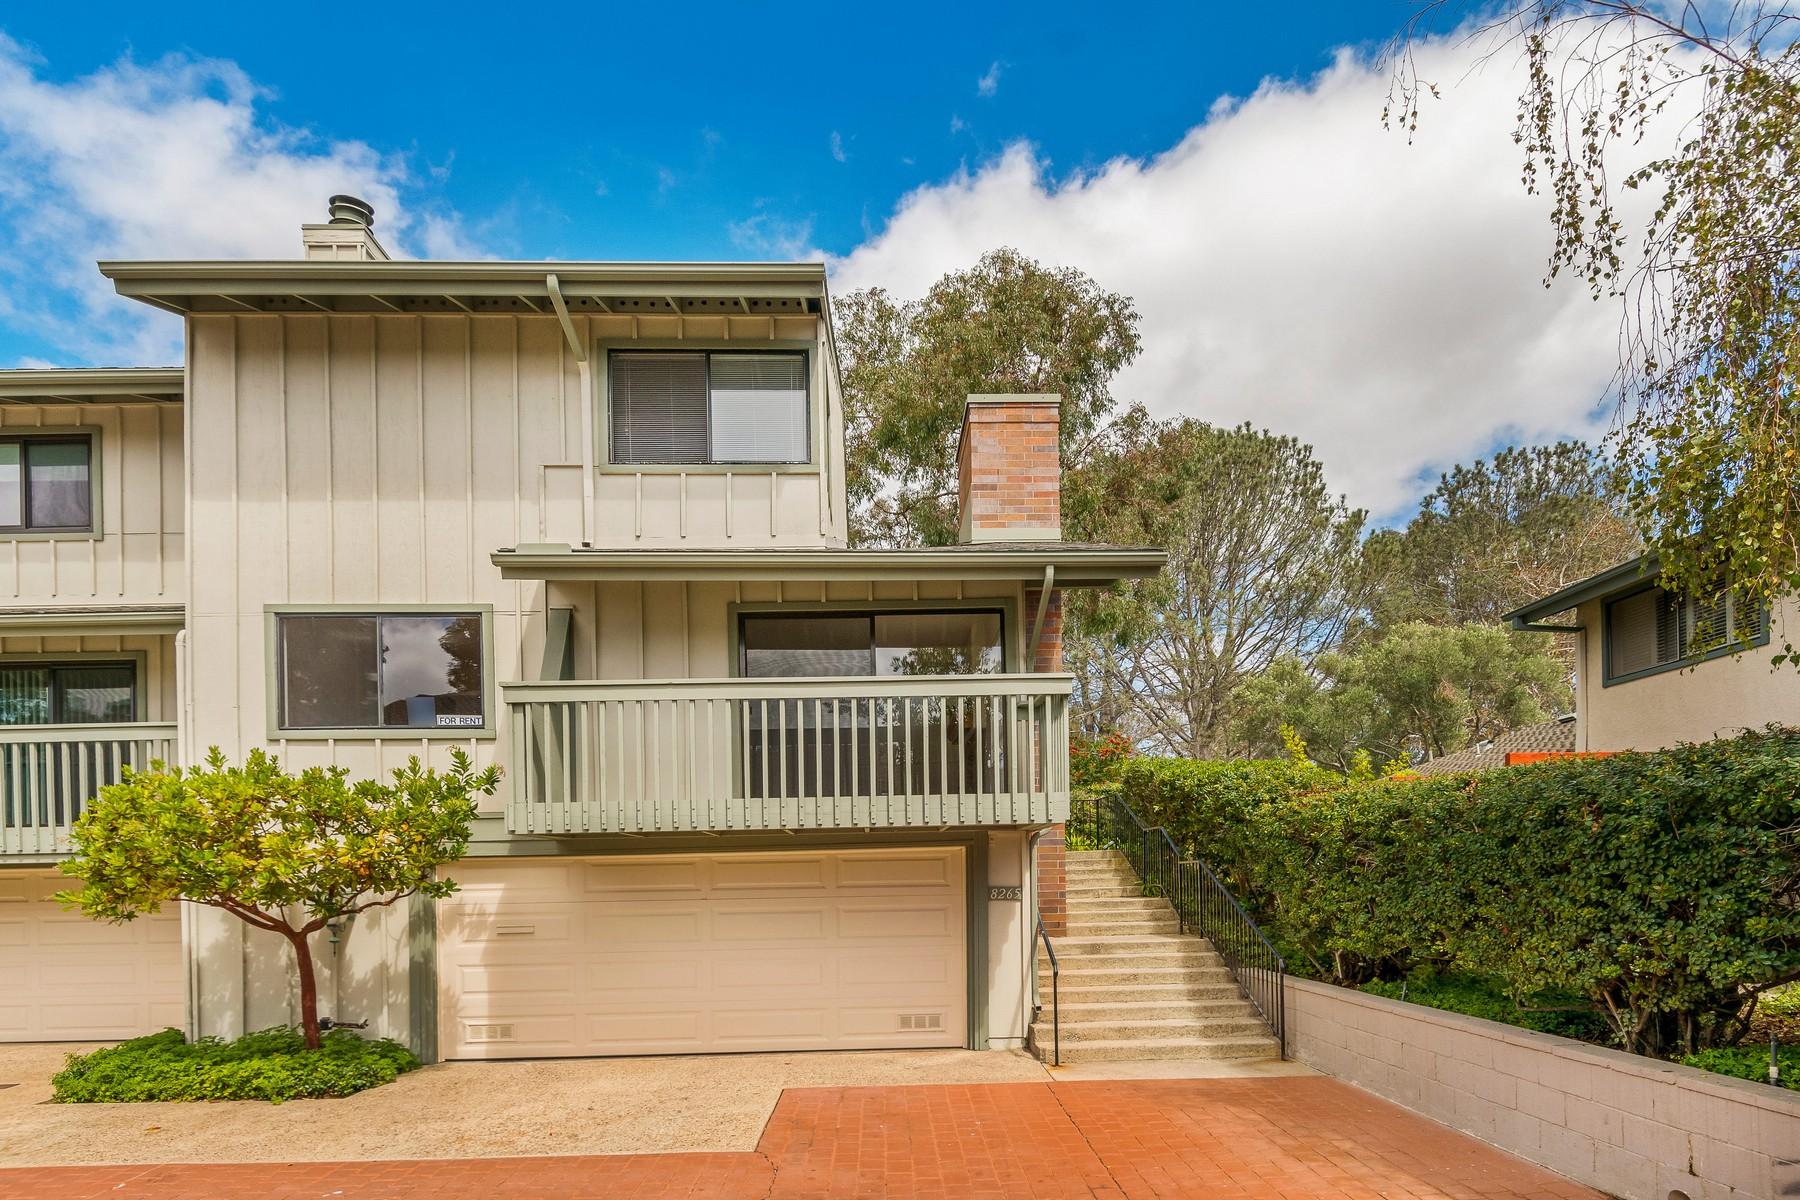 独户住宅 为 出租 在 8265 Via Mallorca 拉荷亚, 加利福尼亚州 92037 美国